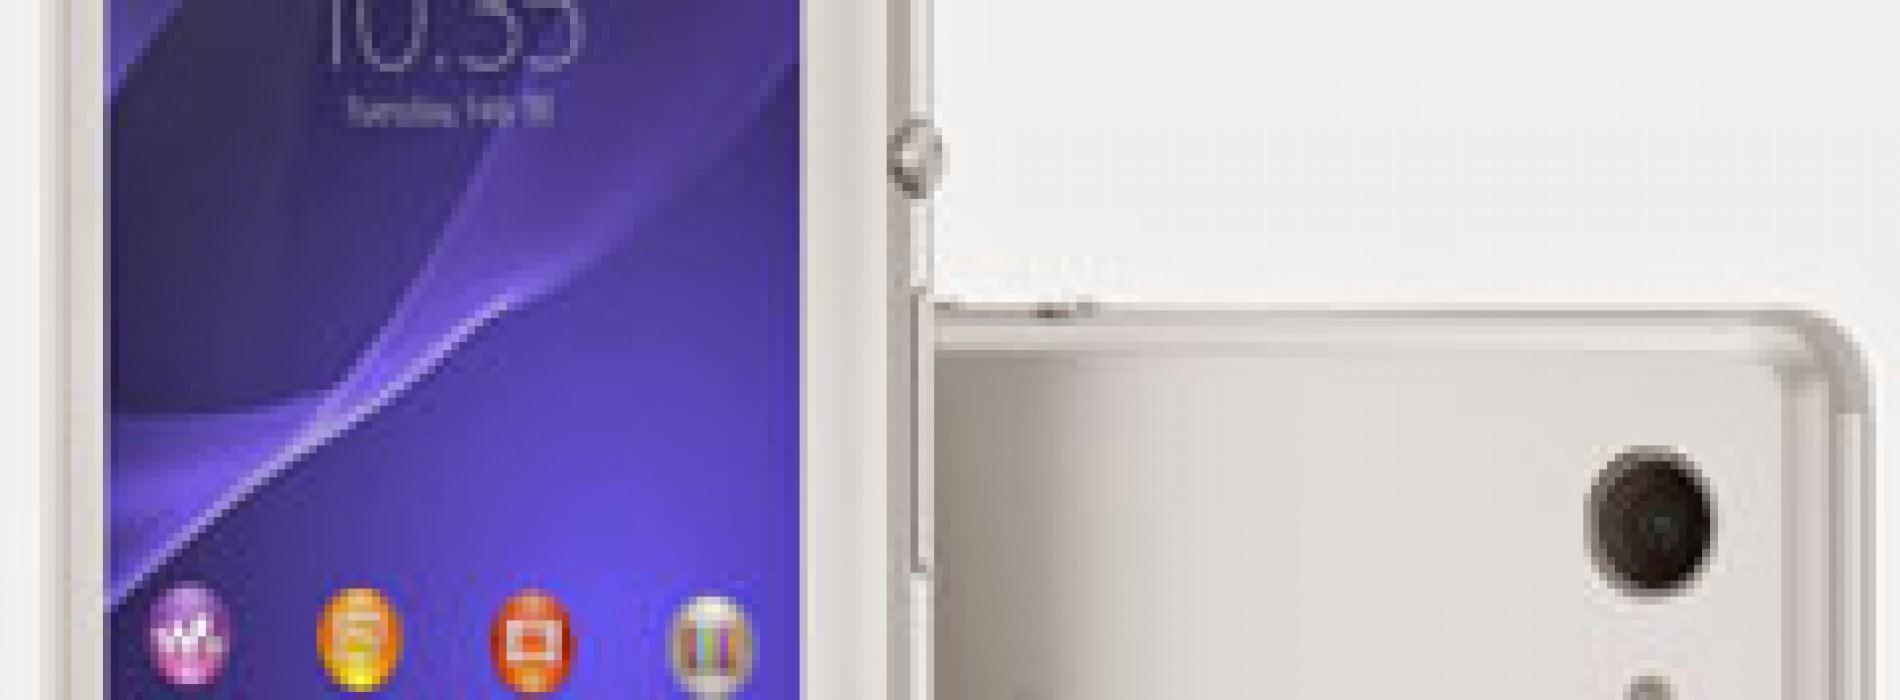 Xperia E3: Smartphone rápido, divertido y para usarlo con una sola mano